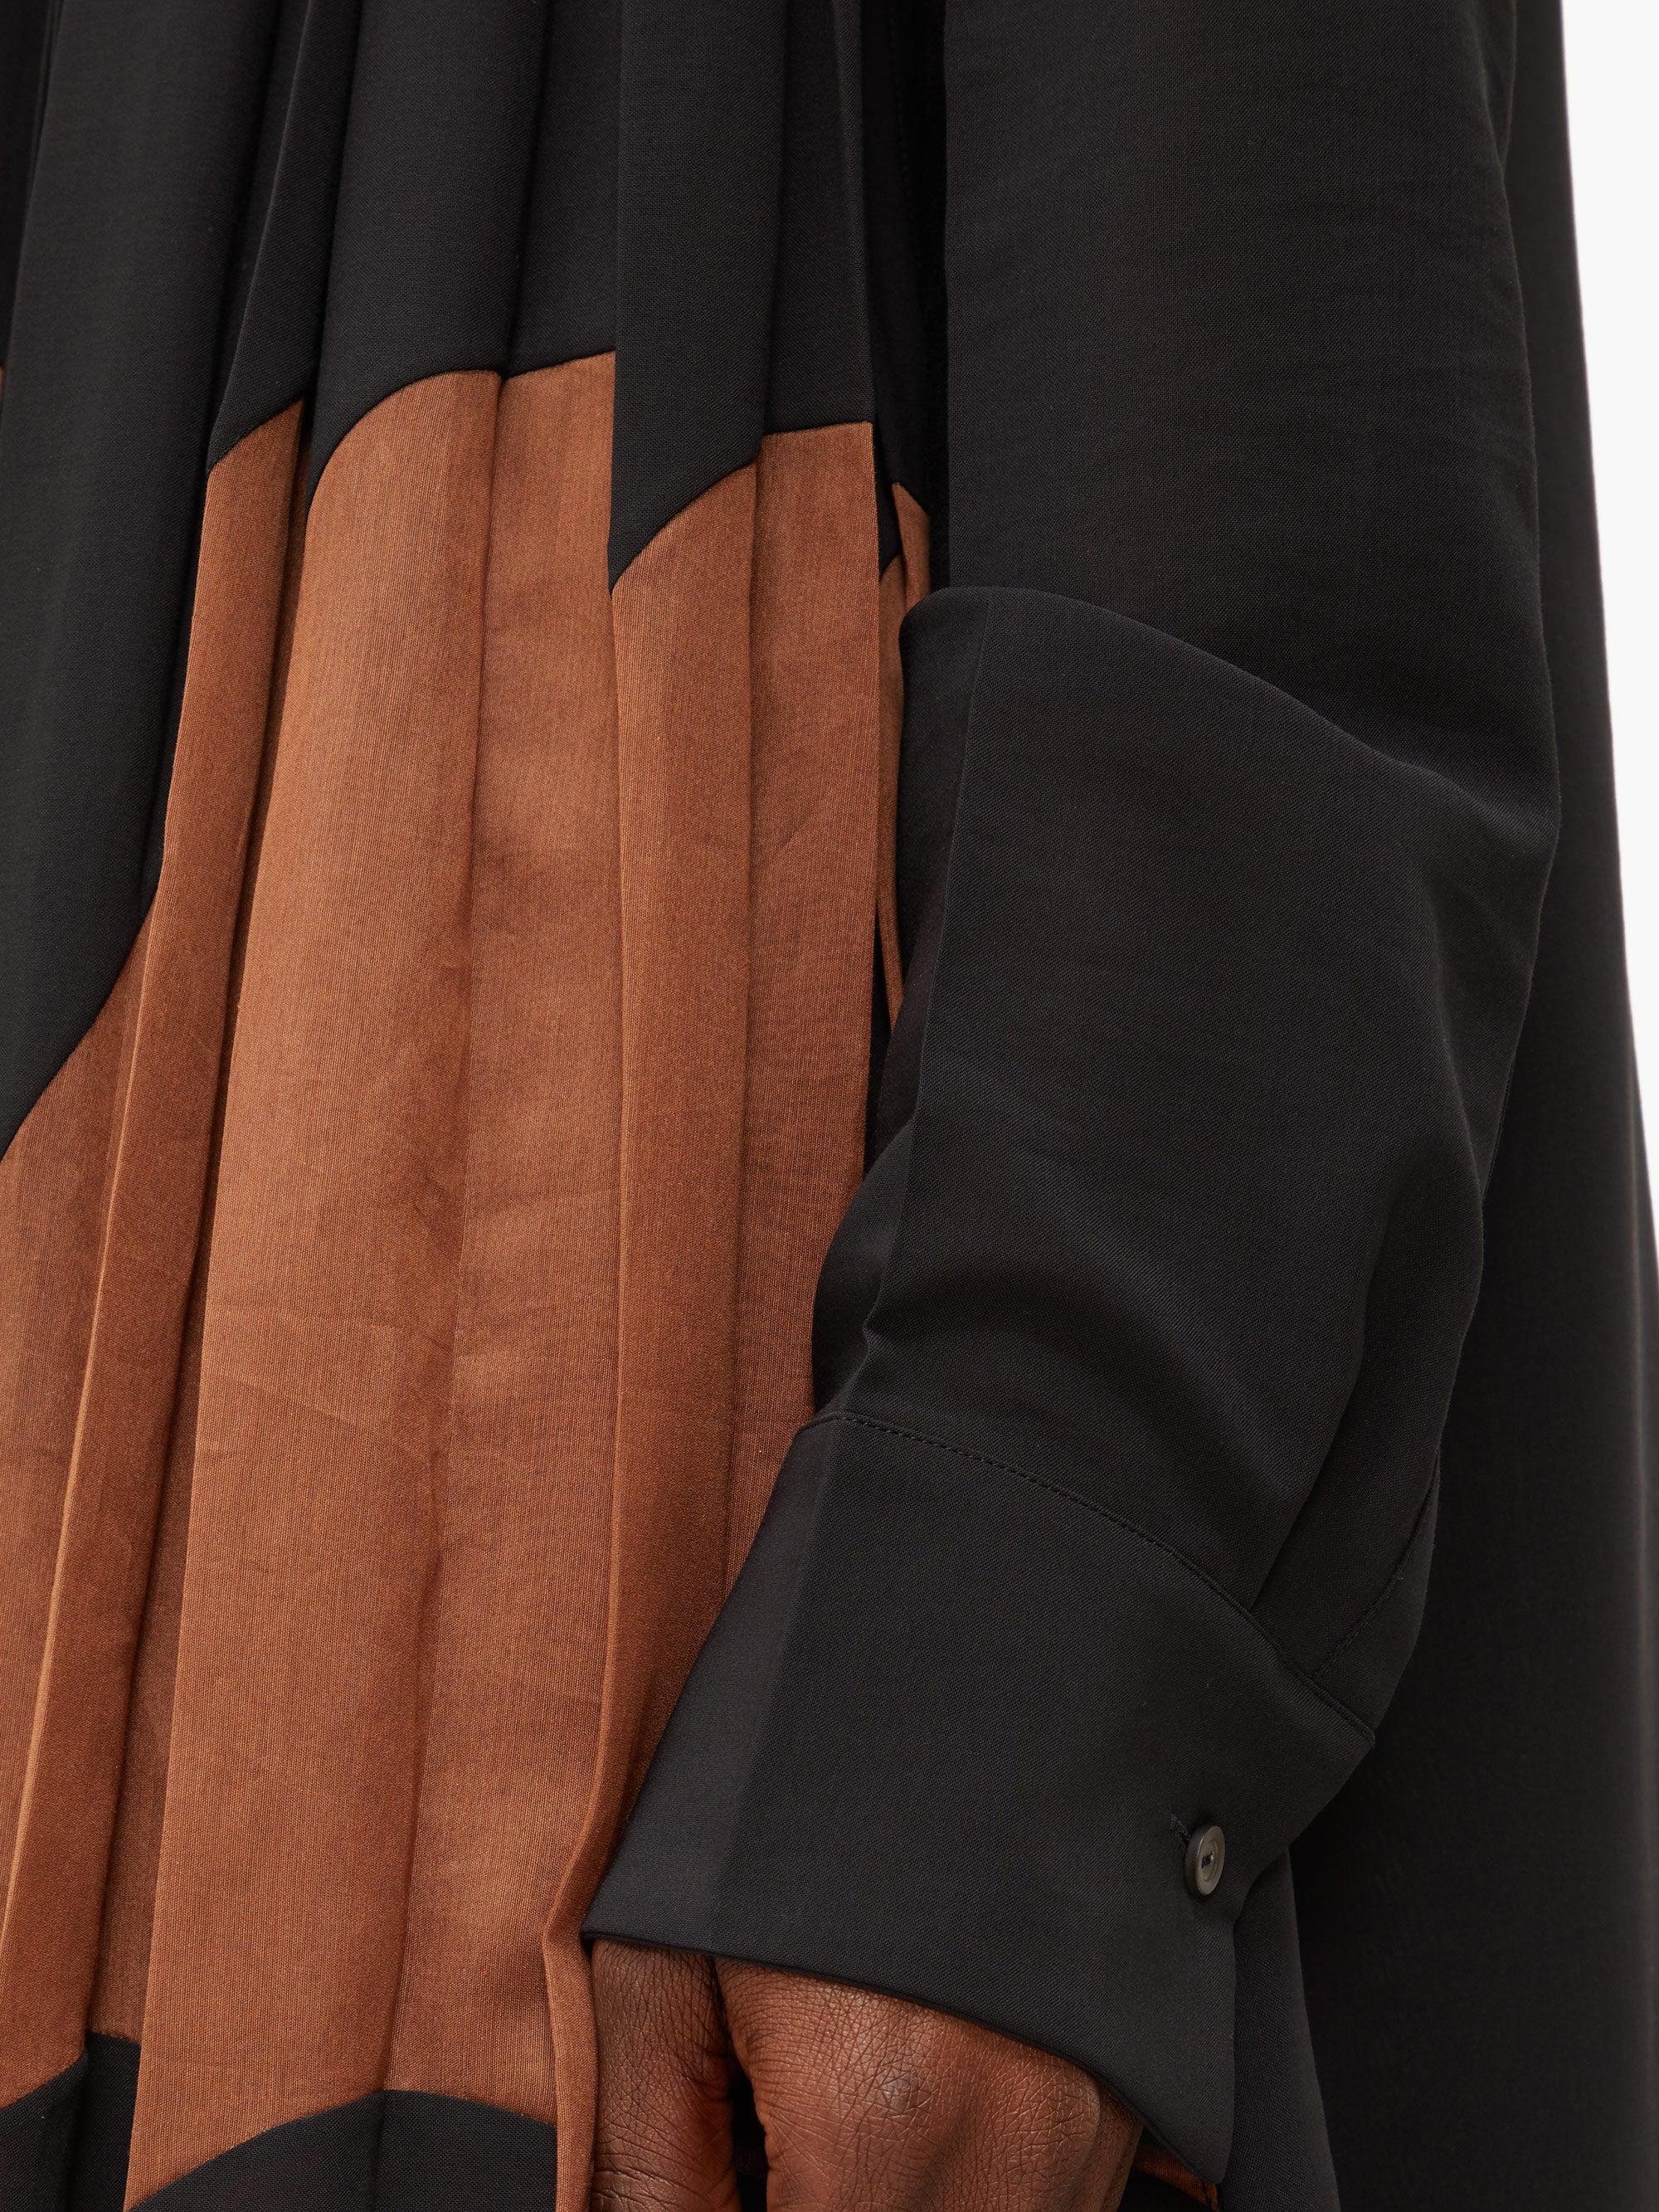 Robe-chemise asymétrique plissée en crêpe de coton Jil Sander en coloris Noir